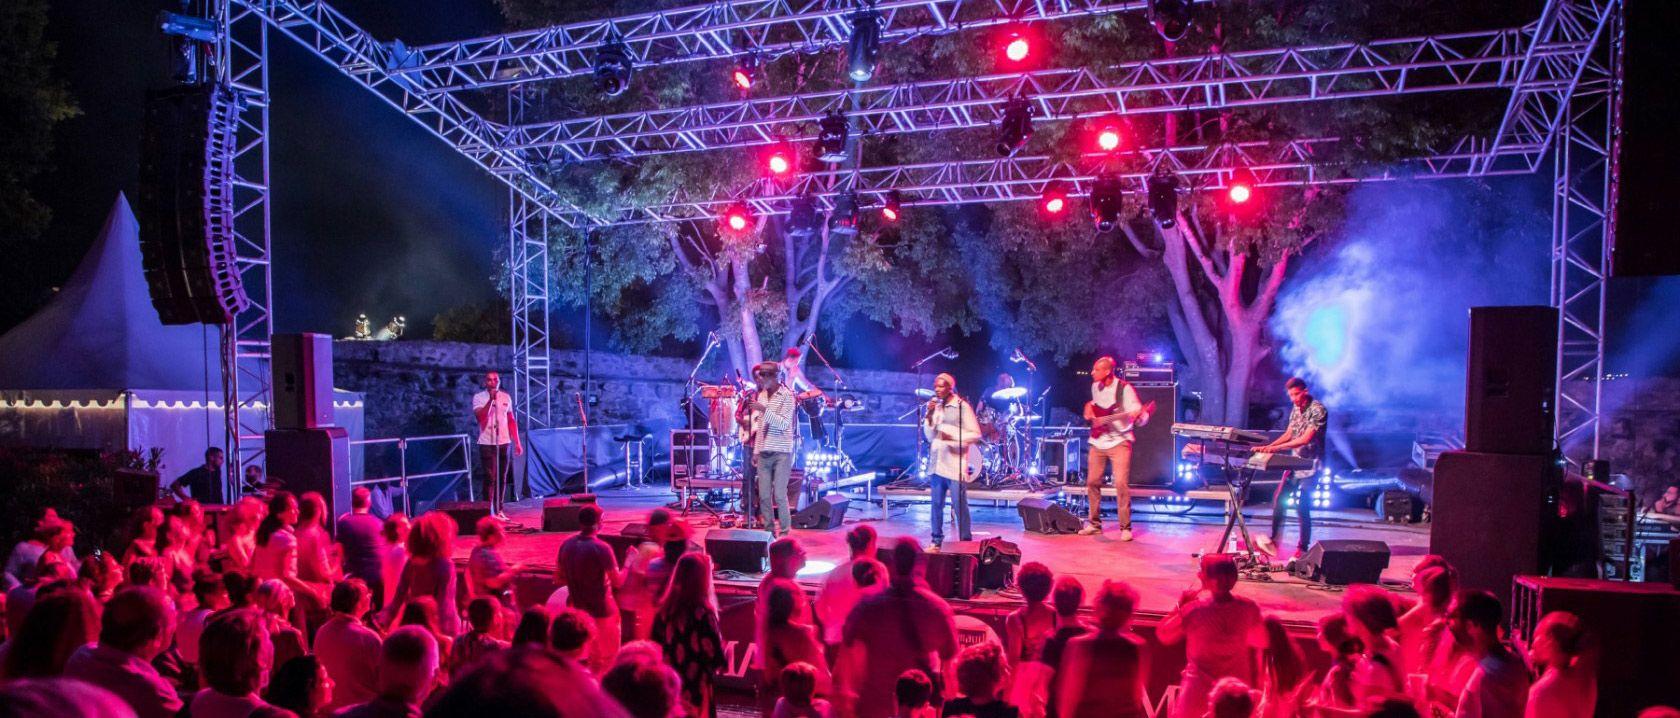 Camping Muziekfestival 'Les Grimaldines' in Grimaud